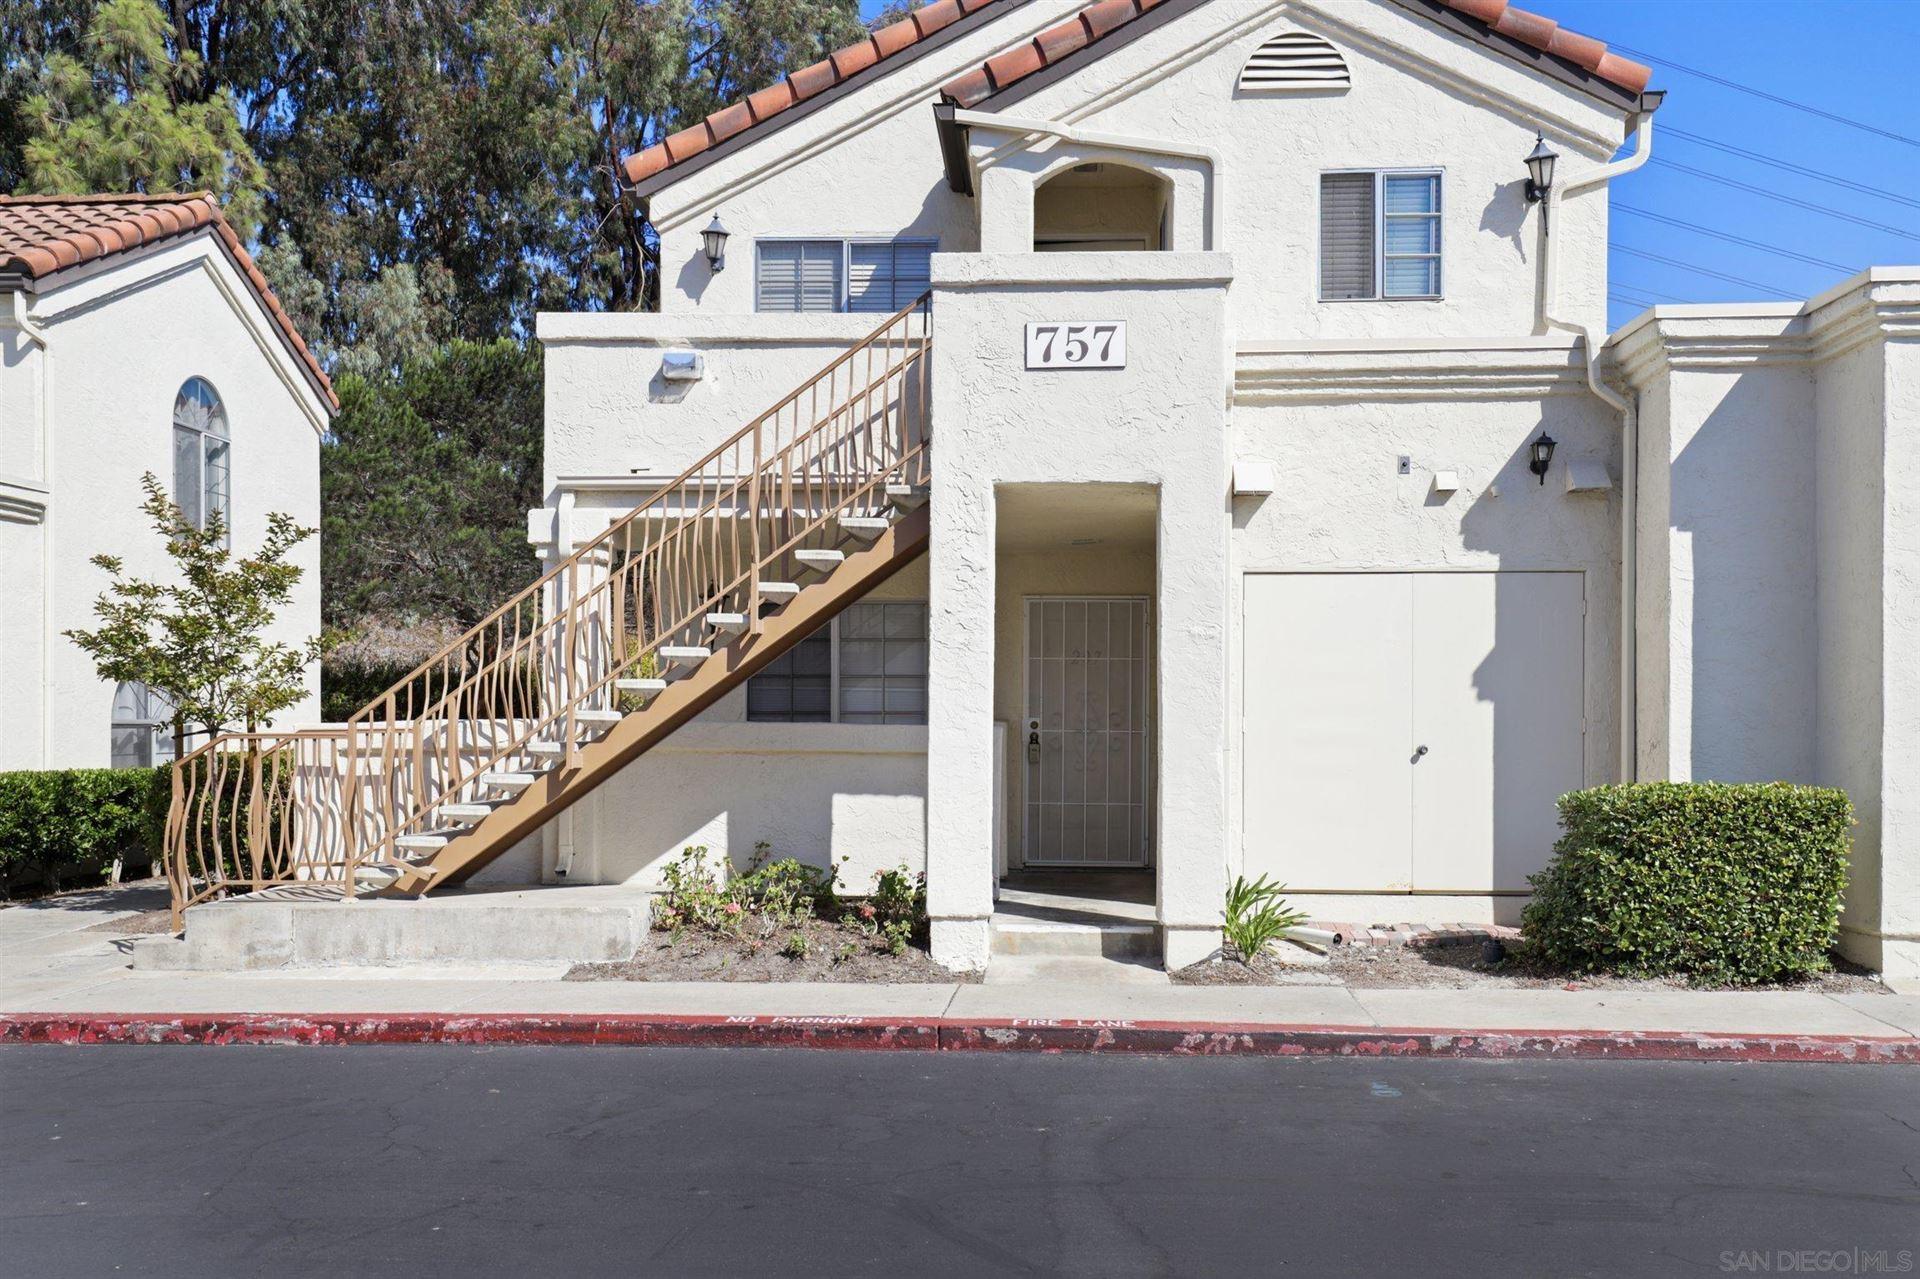 Photo of 757 Eastshore Ter #207, Chula Vista, CA 91913 (MLS # 210026533)